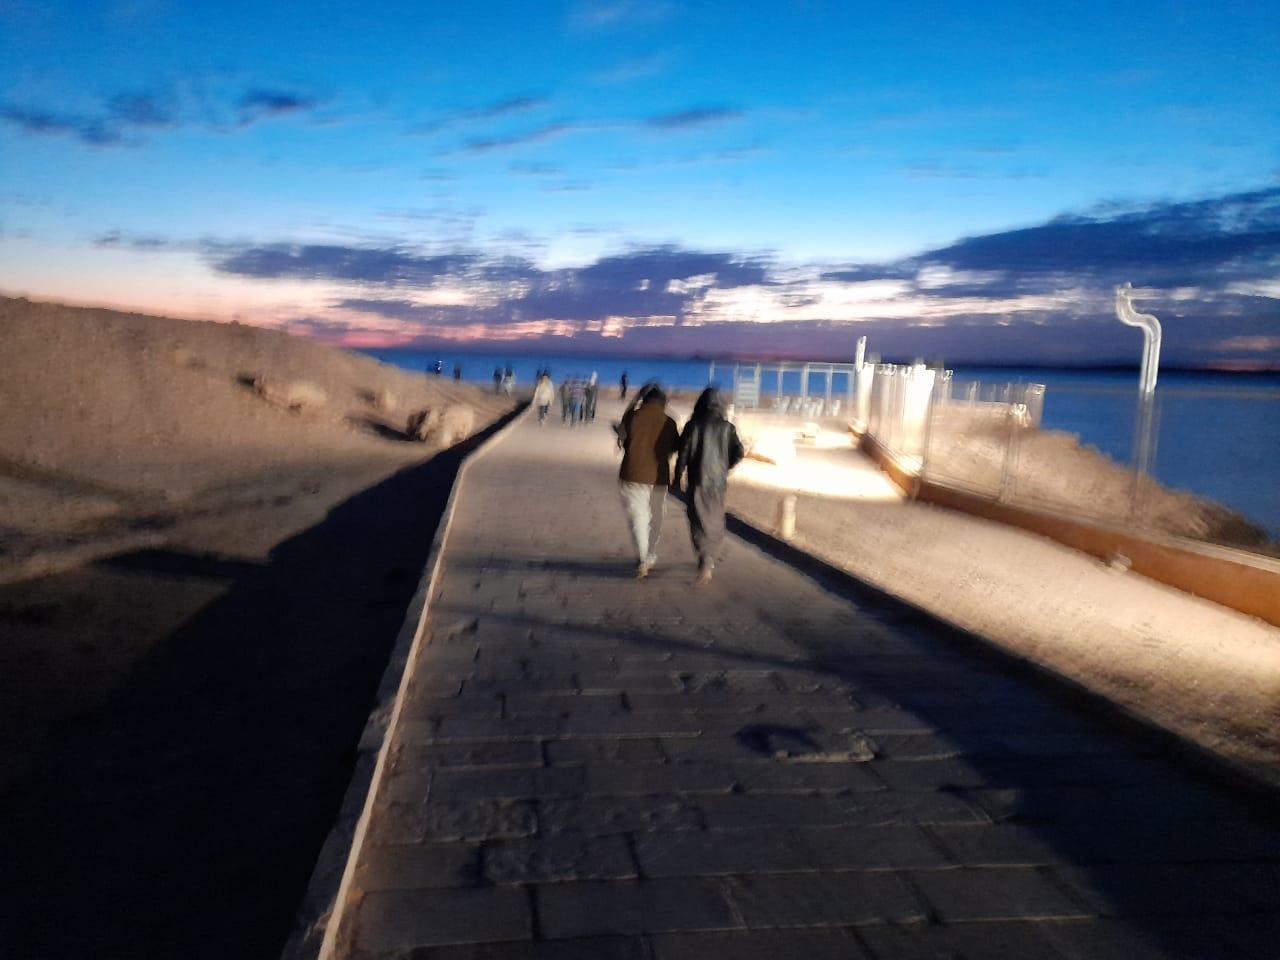 توافد الزوار على معبد أبوسمبل لحضور تعامد الشمس  (6)